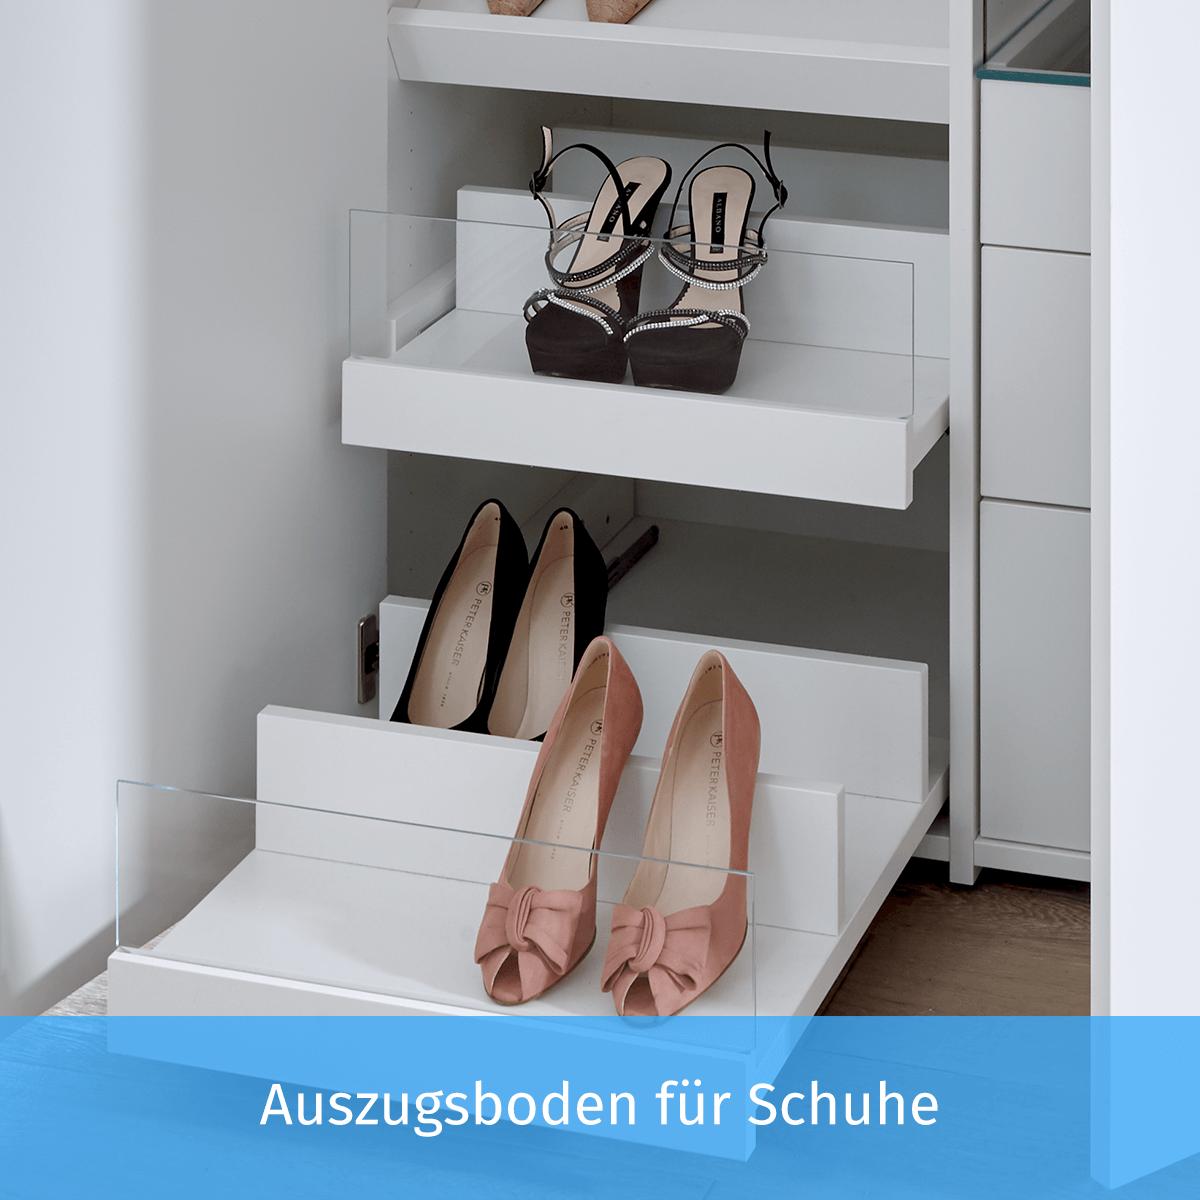 Auszugsboden für Schuhe